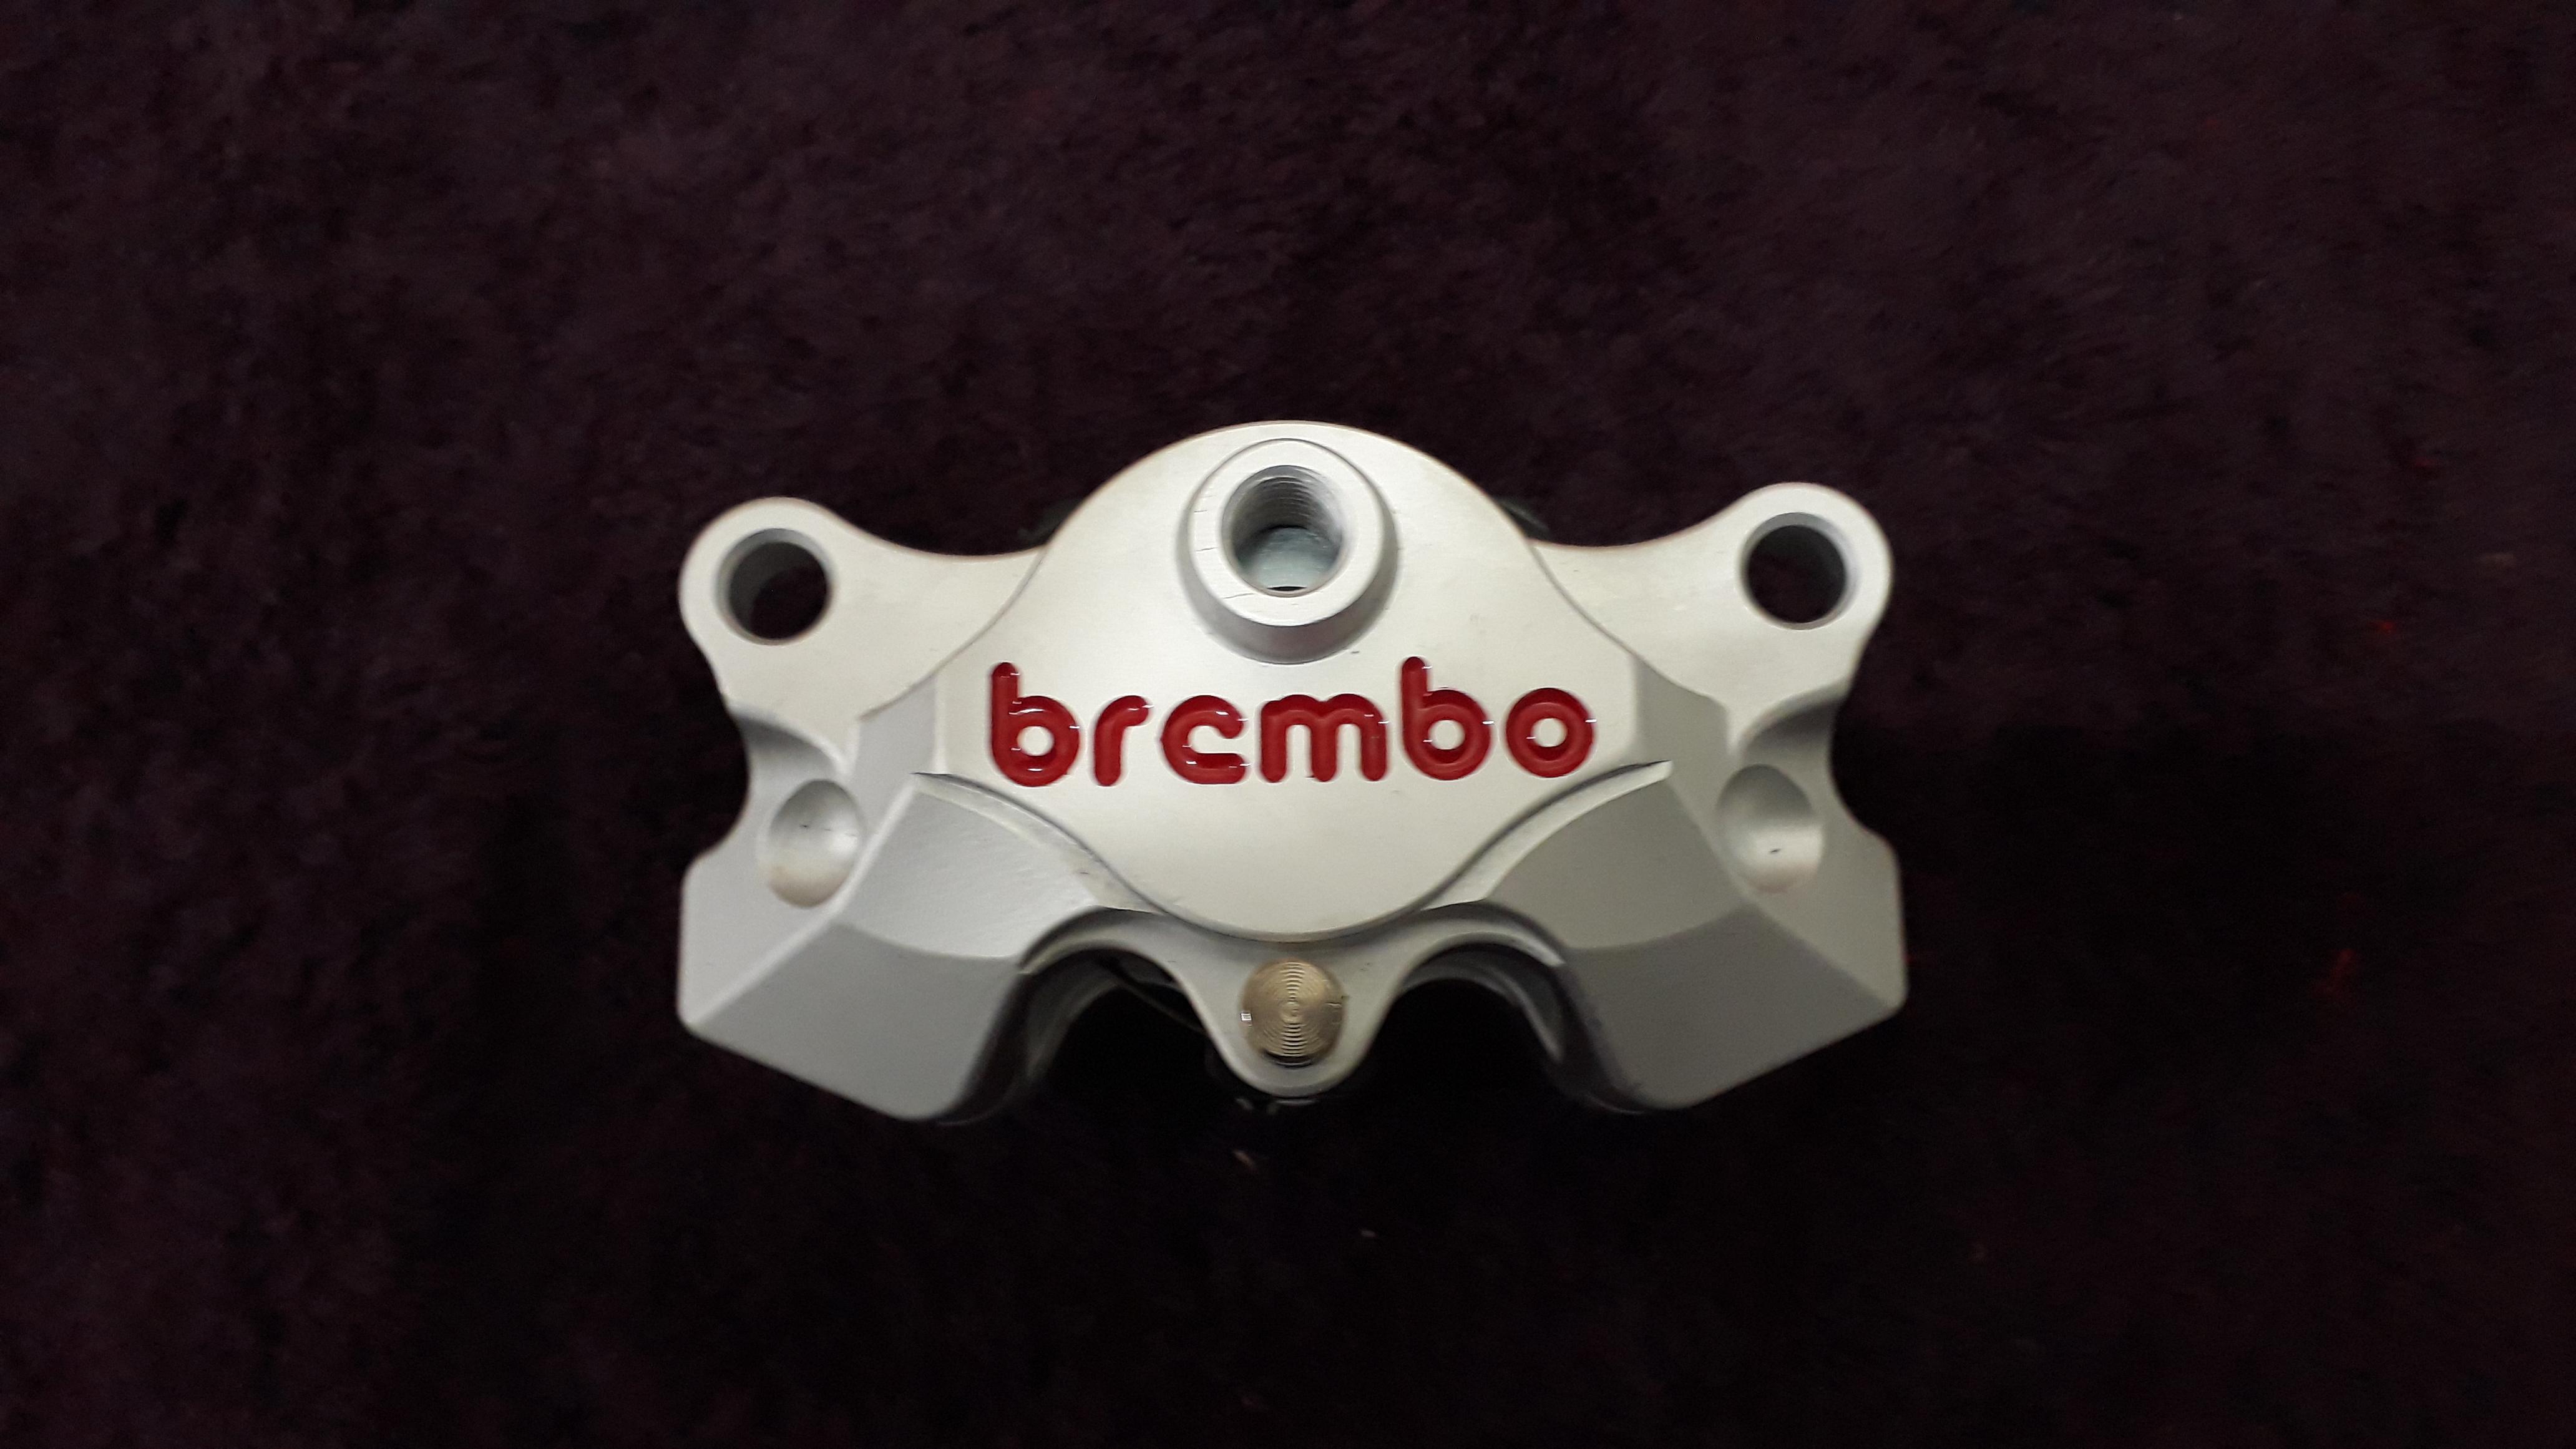 Vend etrier arrière BREMBO P2 34 VENDU L0a58